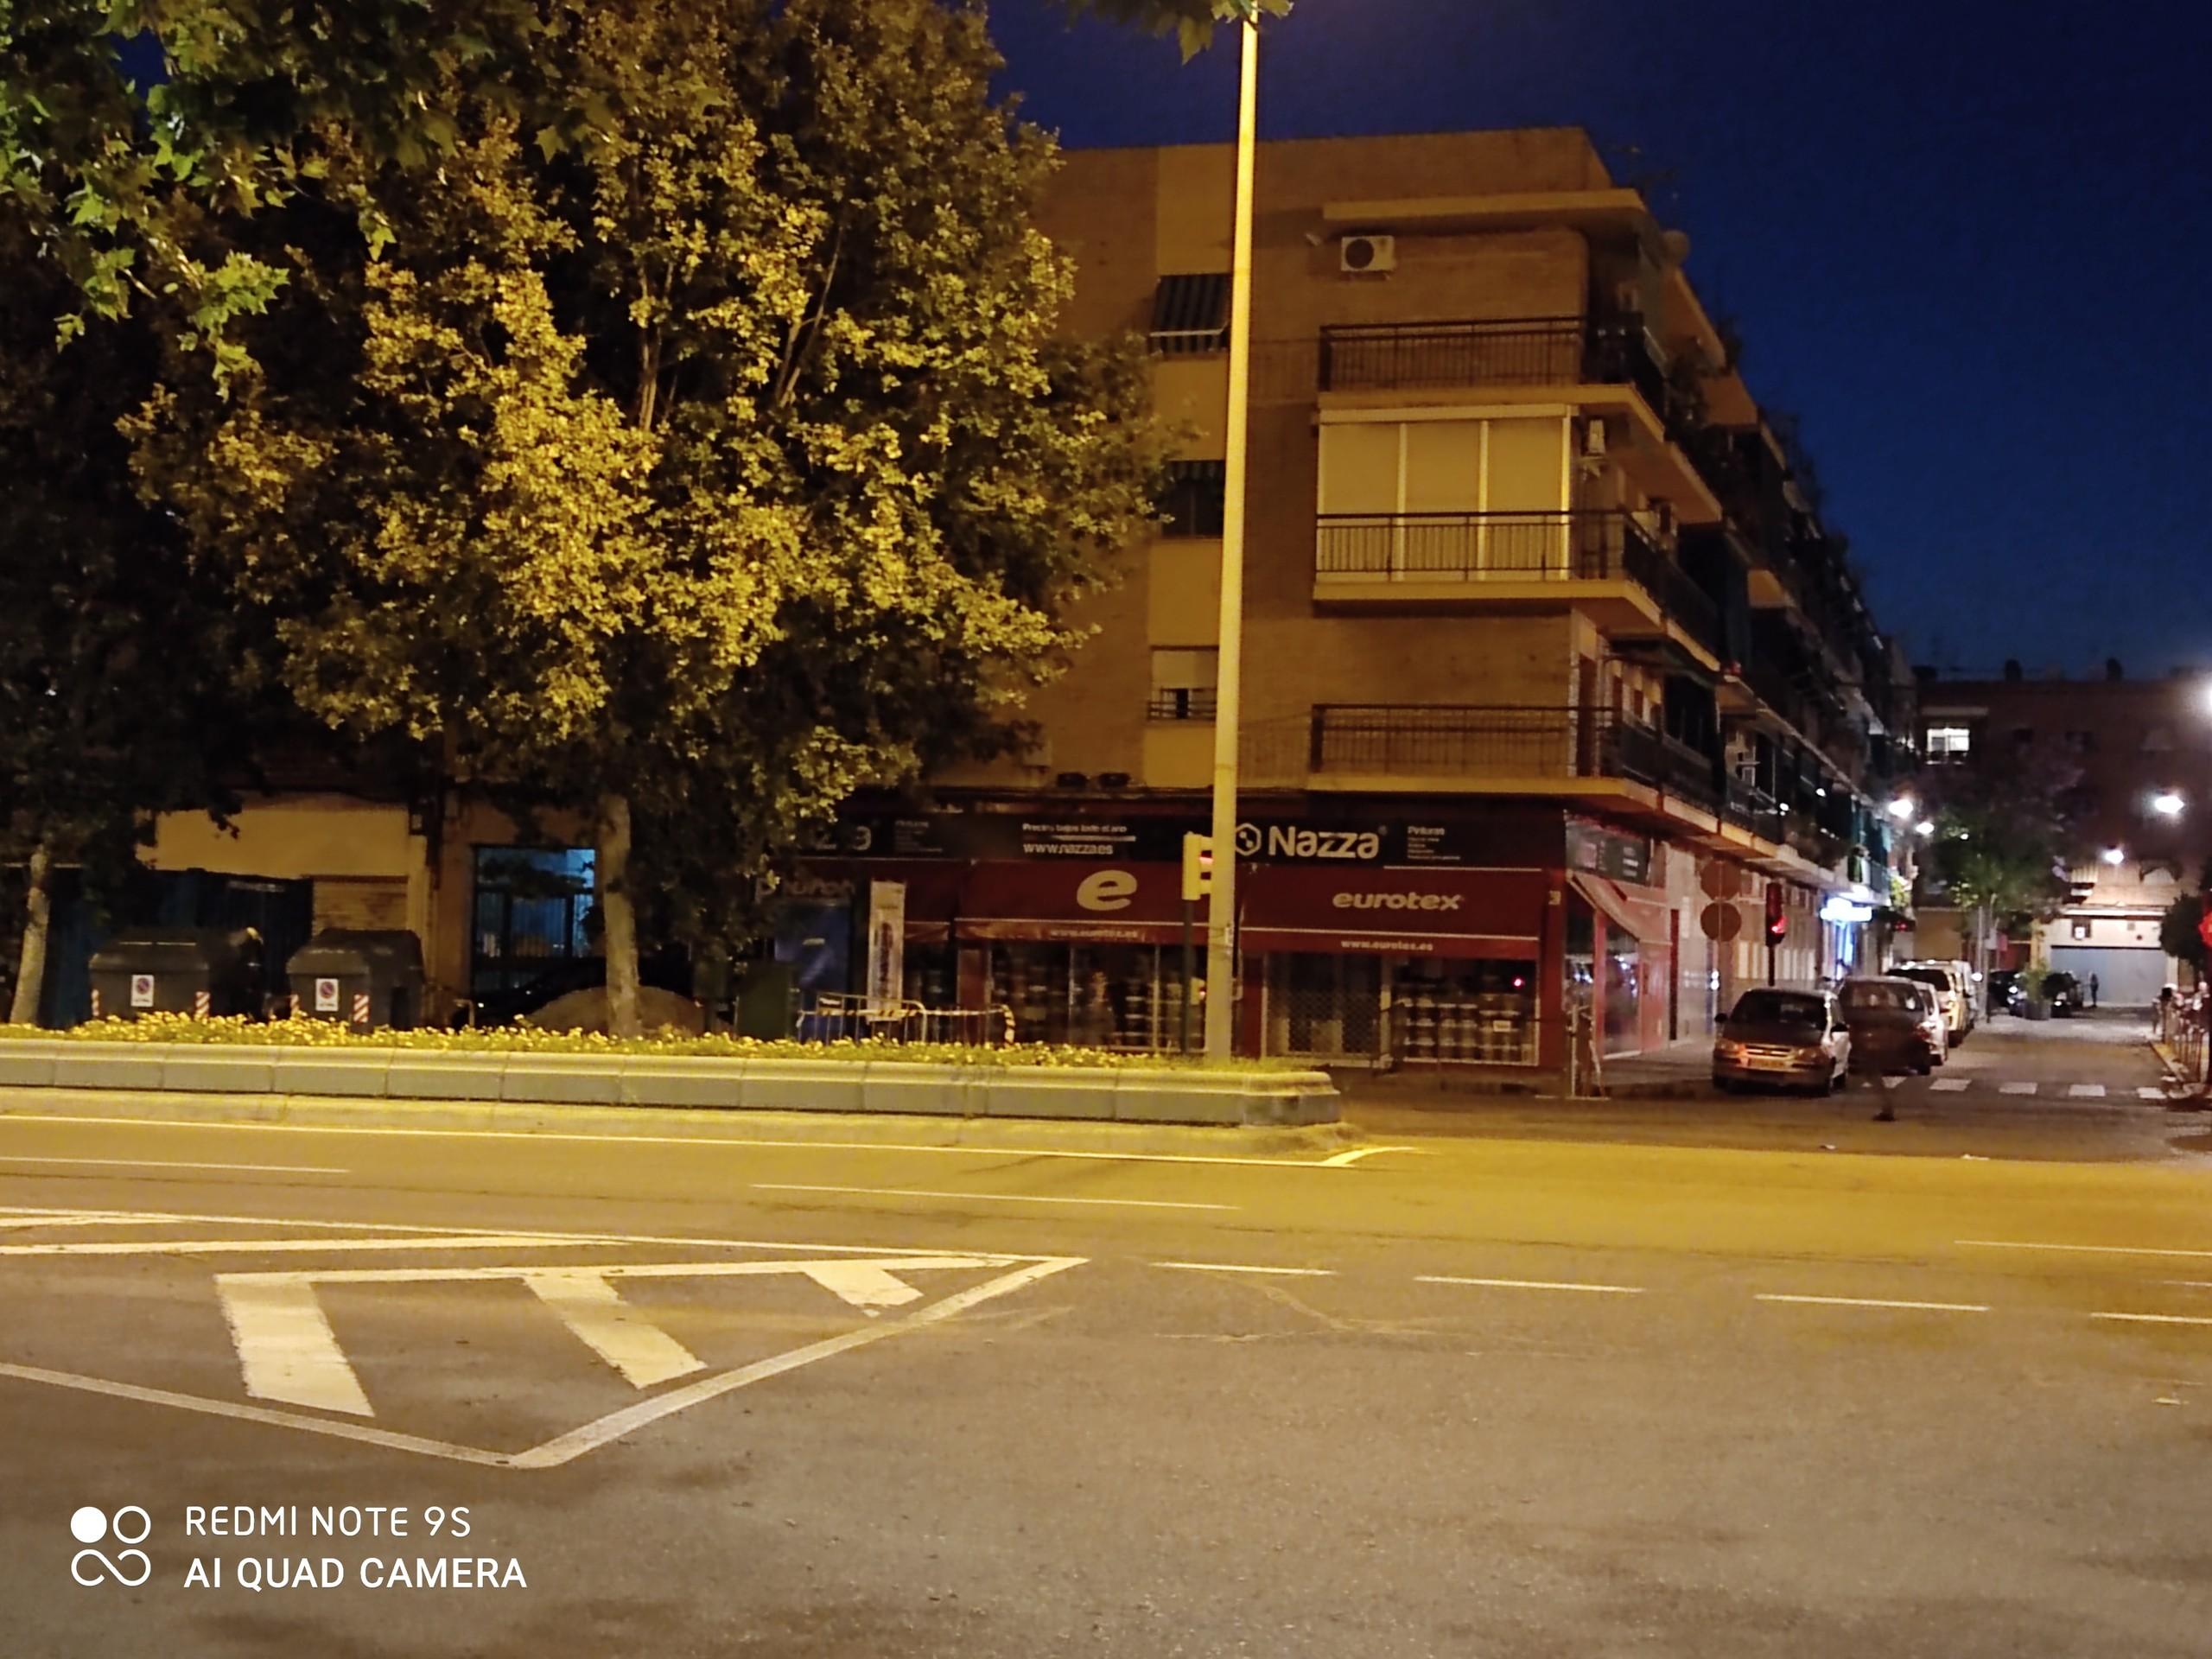 Fotos tomadas con el Xiaomi Redmi Note 9S